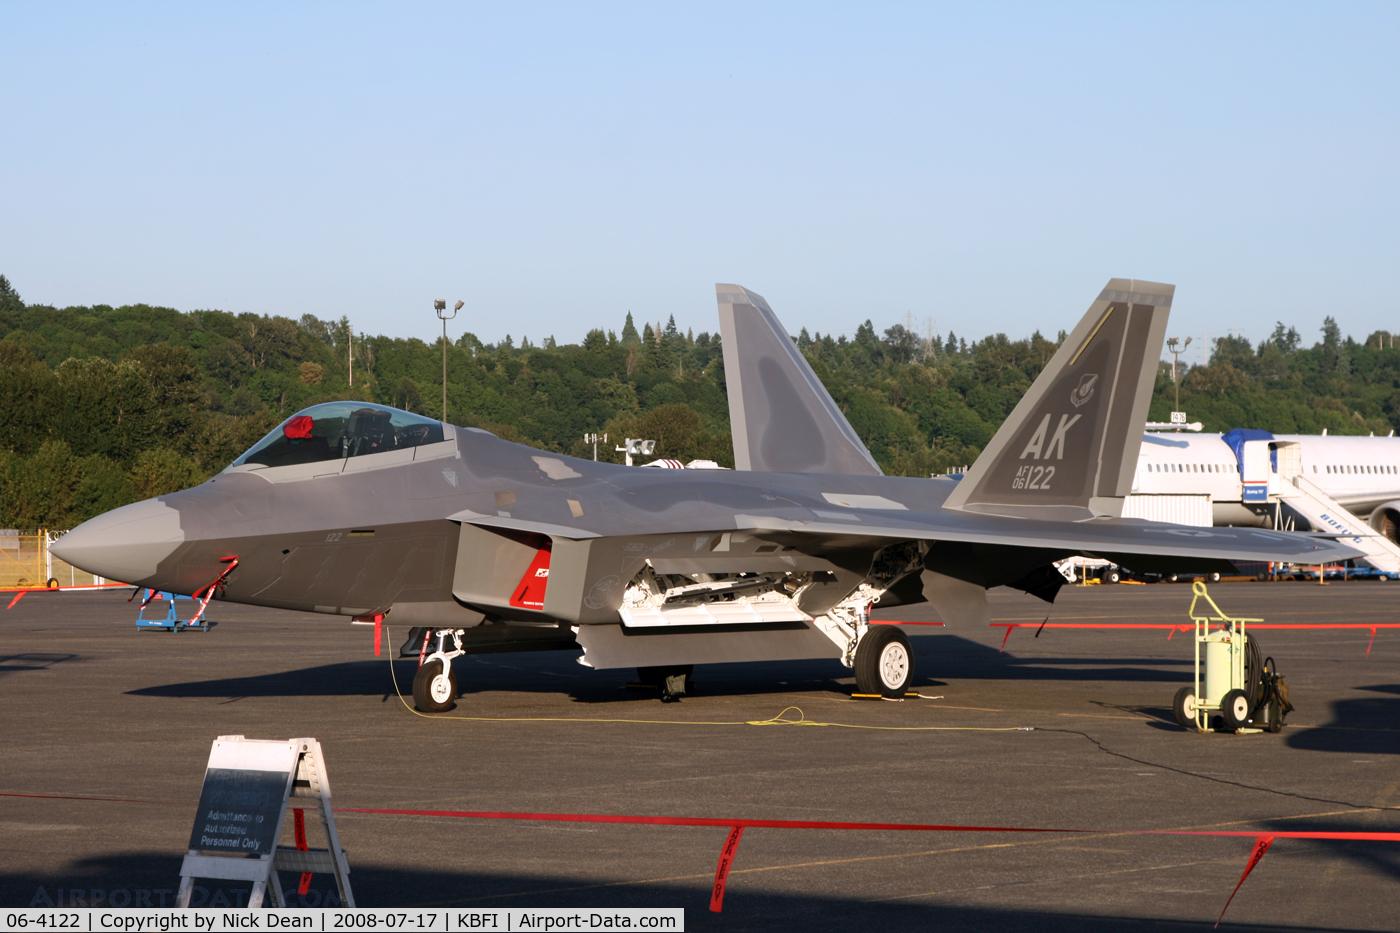 06-4122, 2006 Lockheed Martin F-22A Raptor C/N 4122, Visitor